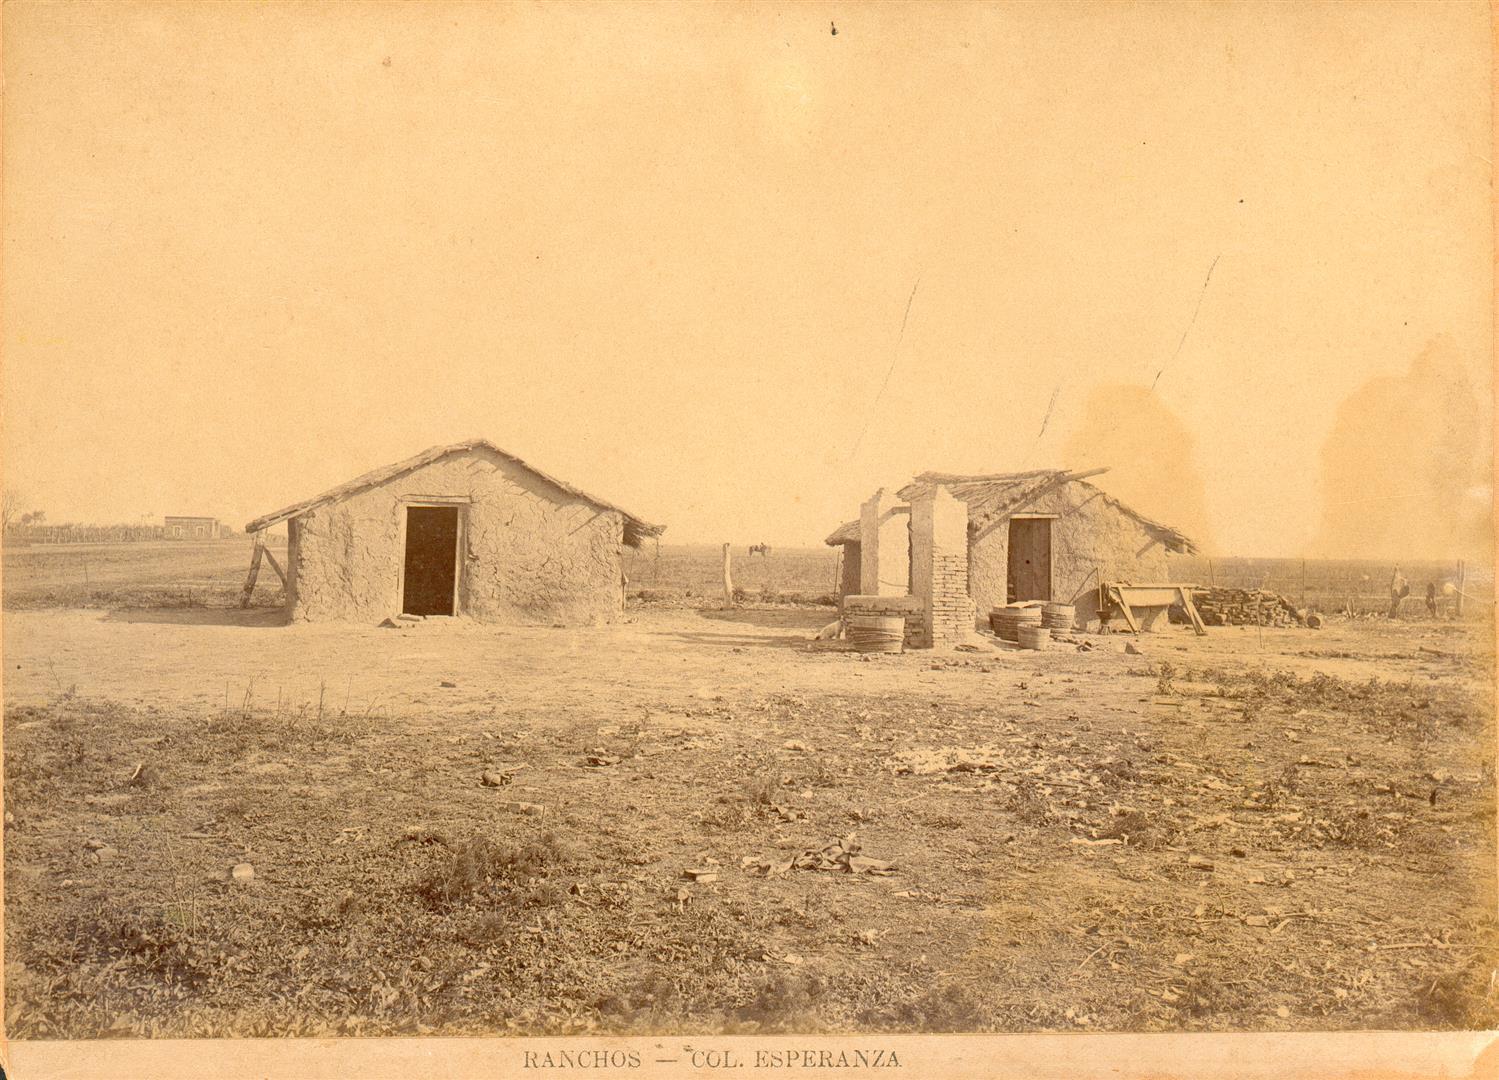 Ranchos colonia Esperanza Large